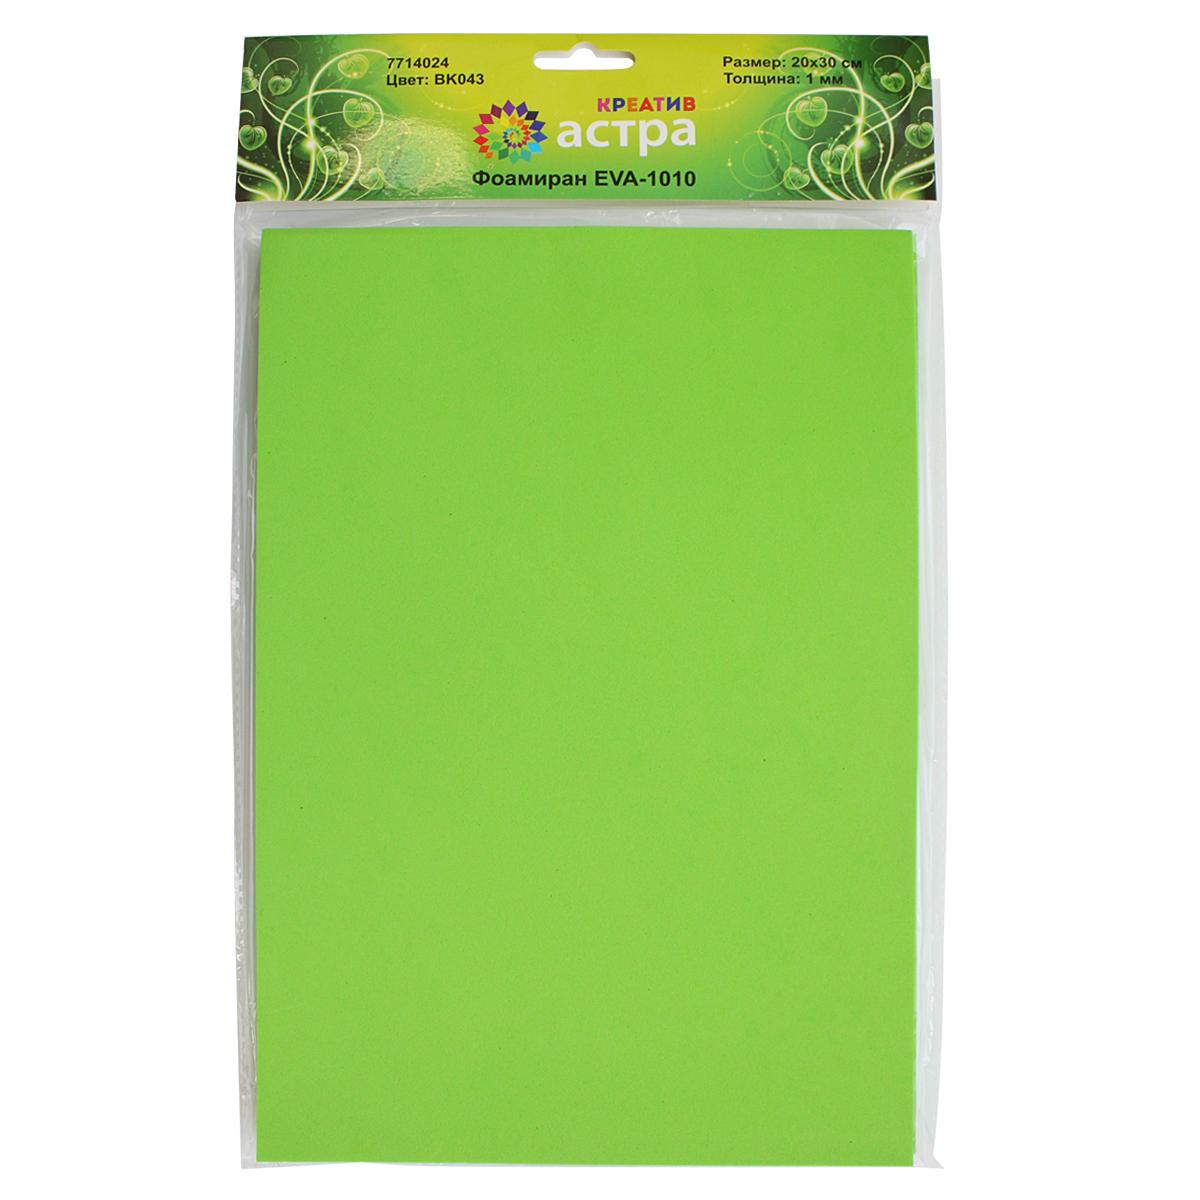 Фоамиран Астра, цвет: зеленый, 20 х 30 см, 10 шт7714024_BK043 зеленыйФоамиран Астра - это пластичная замша, ее можно применить для создания разнообразного вида декора: открытки, магнитики, цветы, забавные игрушки и т.д.Главная особенность материала фоамиран заключается в его способности к незначительному растяжению, которого вполне достаточно для «запоминания» изделием своей формы. На ощупь мягкая синтетическая замша очень приятна и податлива, поэтому работать с ней не составит труда даже начинающему. Размер ткани: 200 x 300 мм.В упаковке 10 штук.